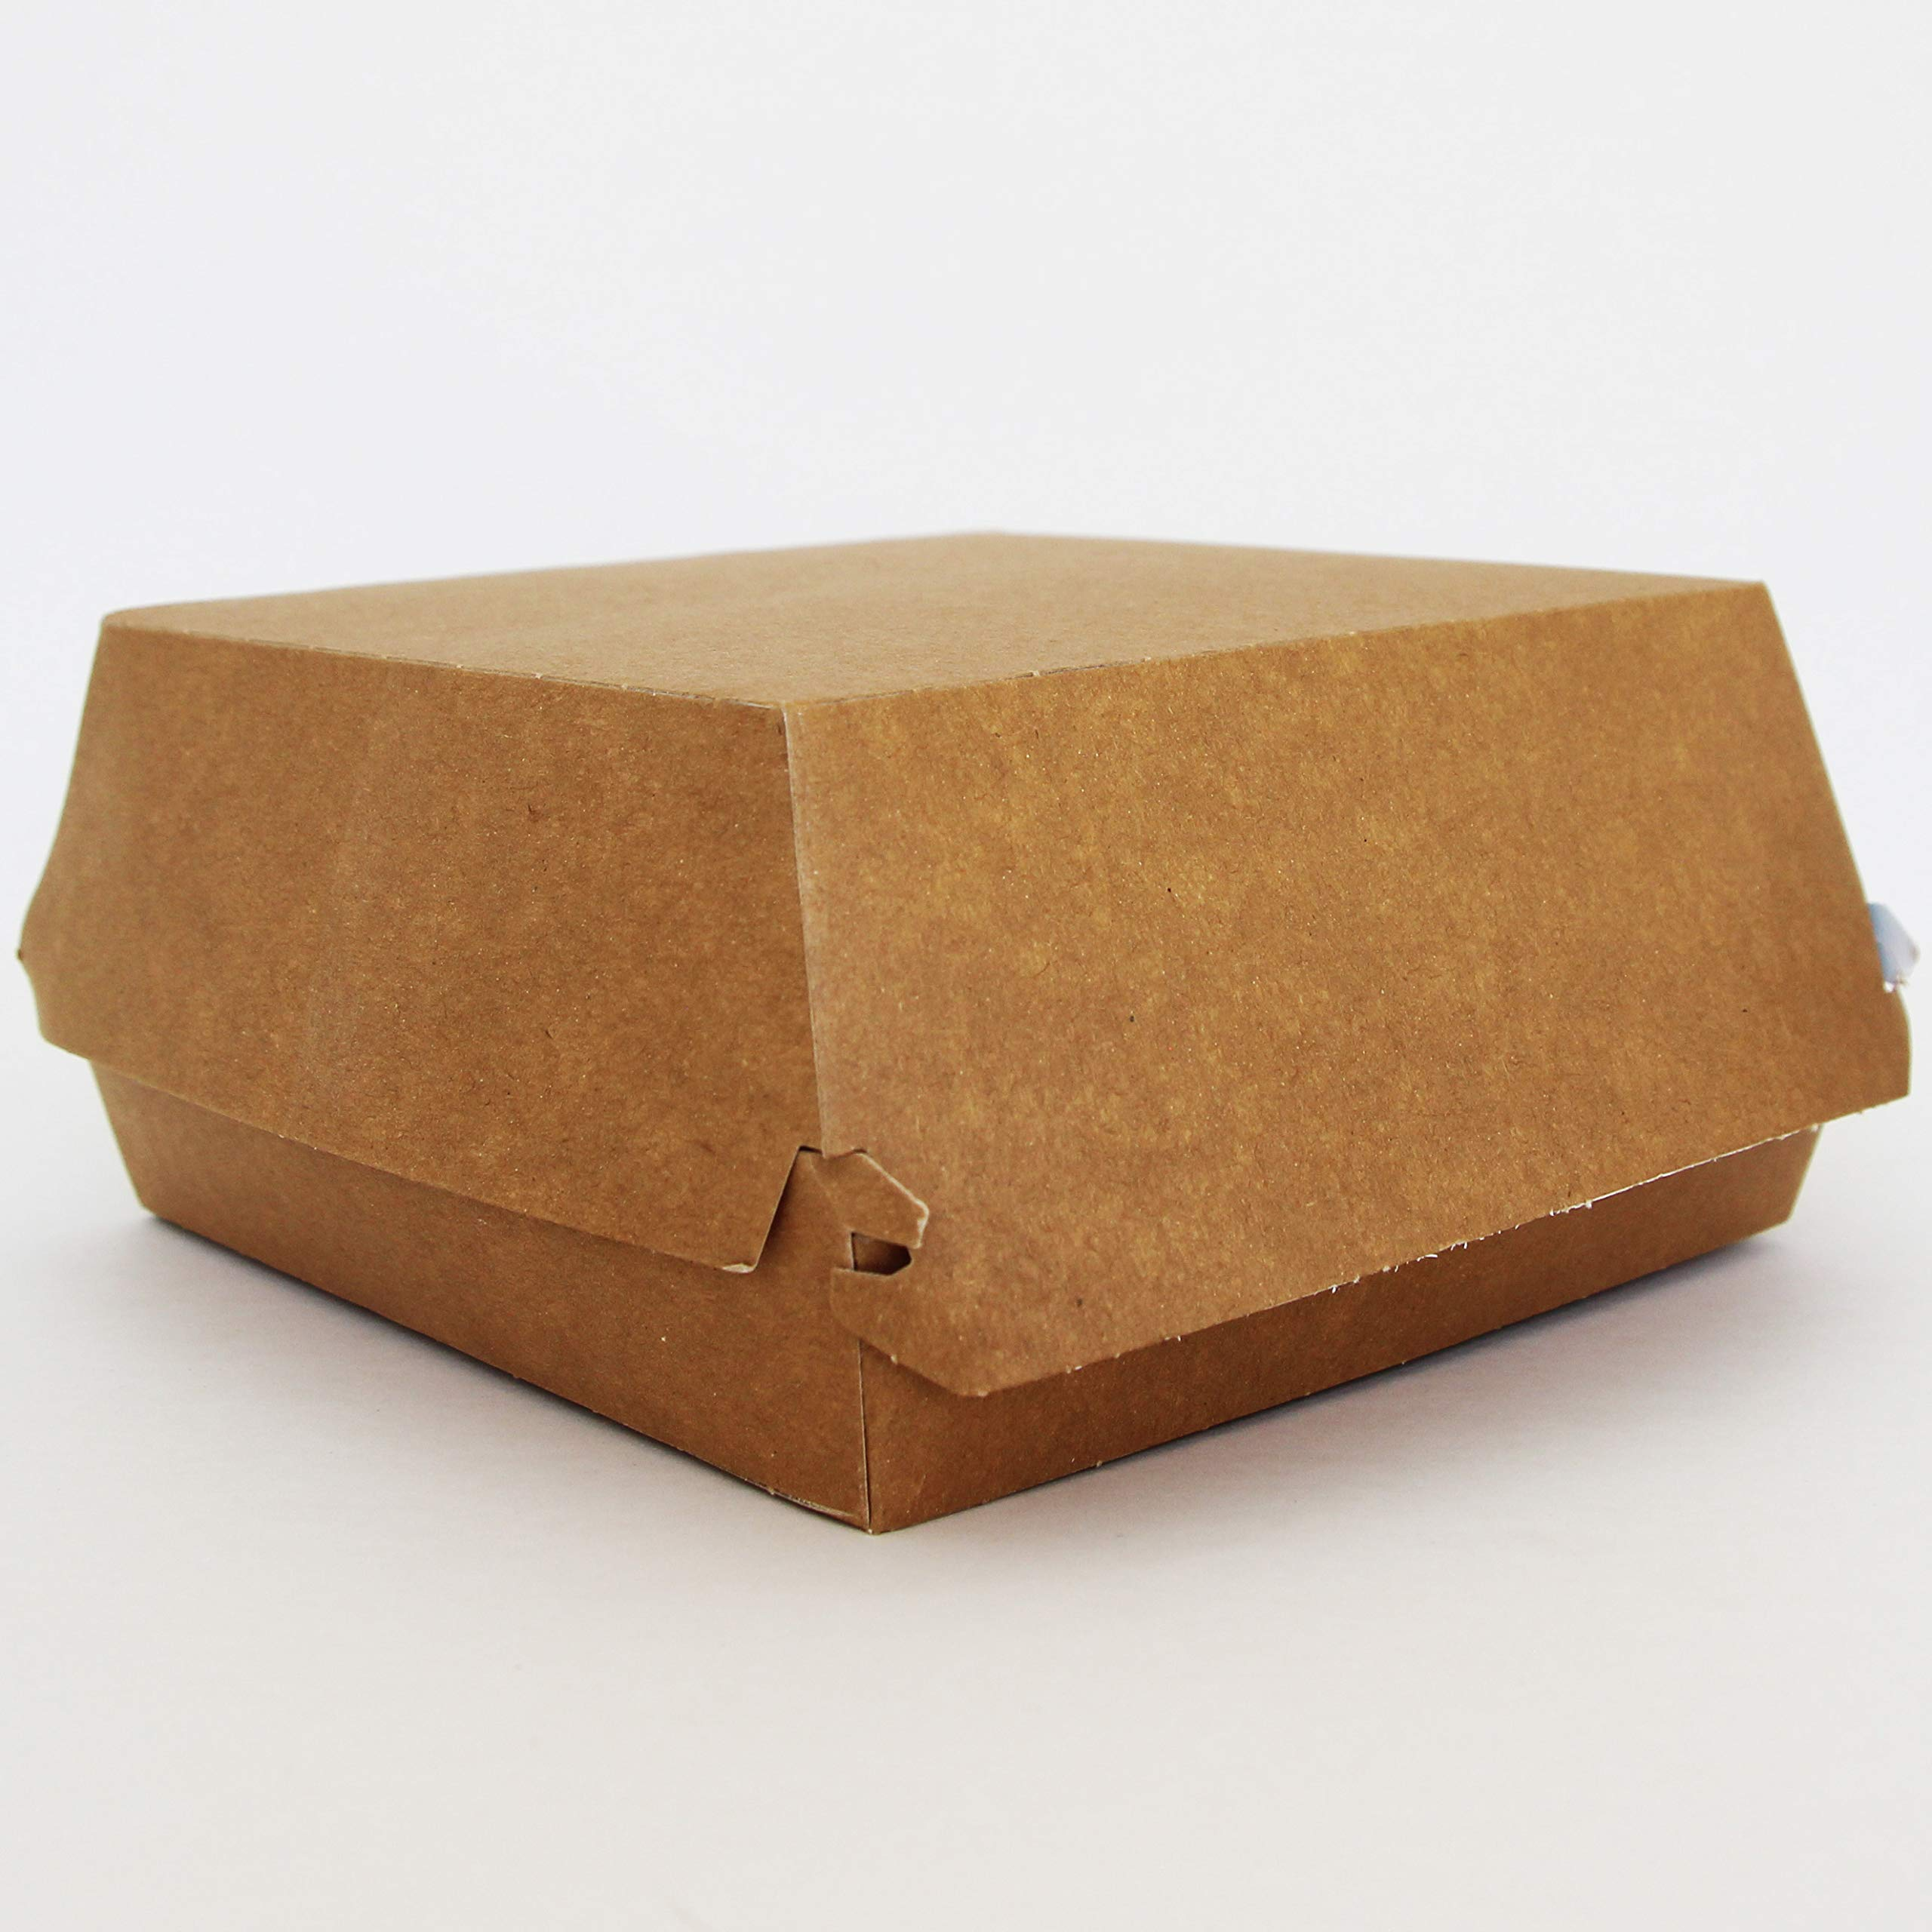 Extiff - Lote de 50 Cajas para Hamburguesa, Grandes y Altas, de cartón Reciclado, 12,5 x 11 x 4,5 cm: Amazon.es: Hogar